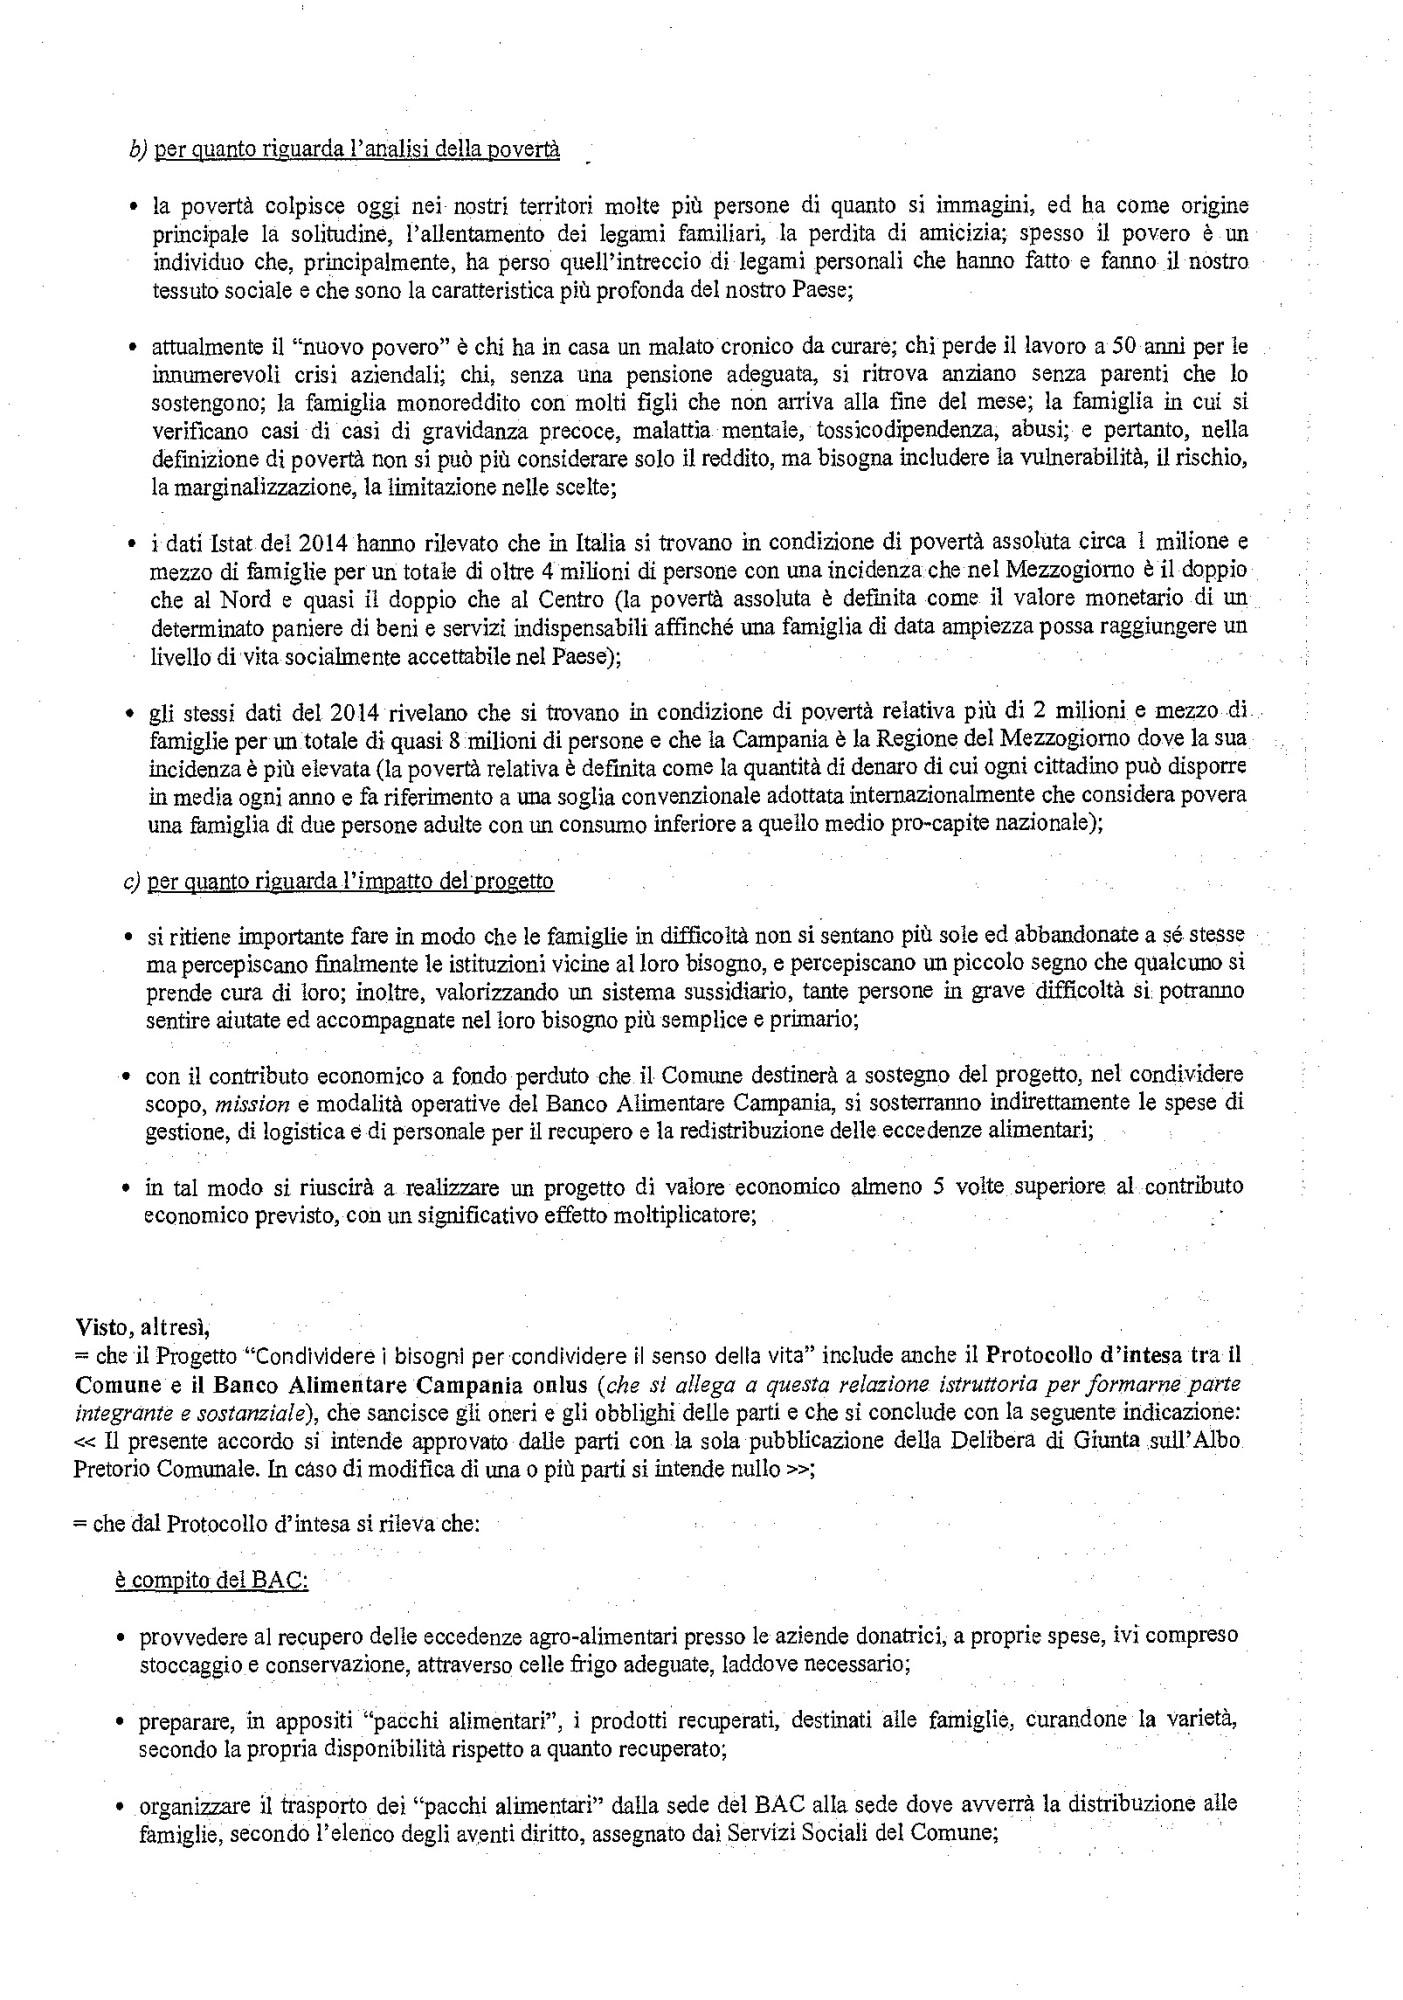 112_App._del_progetto_banco_alimentare_campania_pe_Pagina_3_Immagine_0001